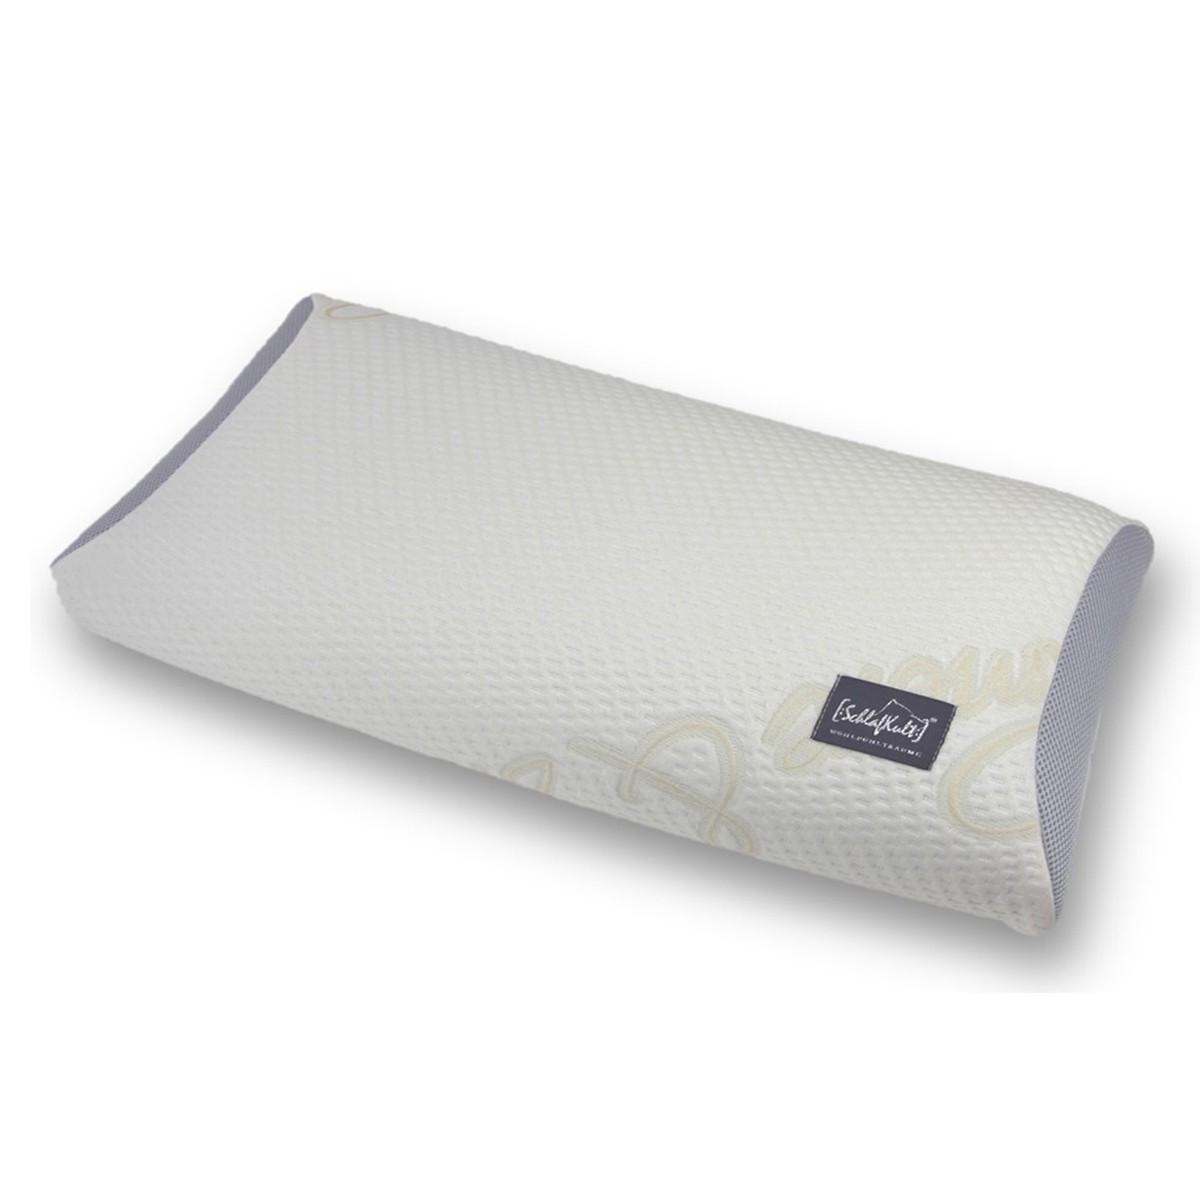 schlafkult nackenst tzkissen viscozy mit viskoelastischem schaum 5117. Black Bedroom Furniture Sets. Home Design Ideas